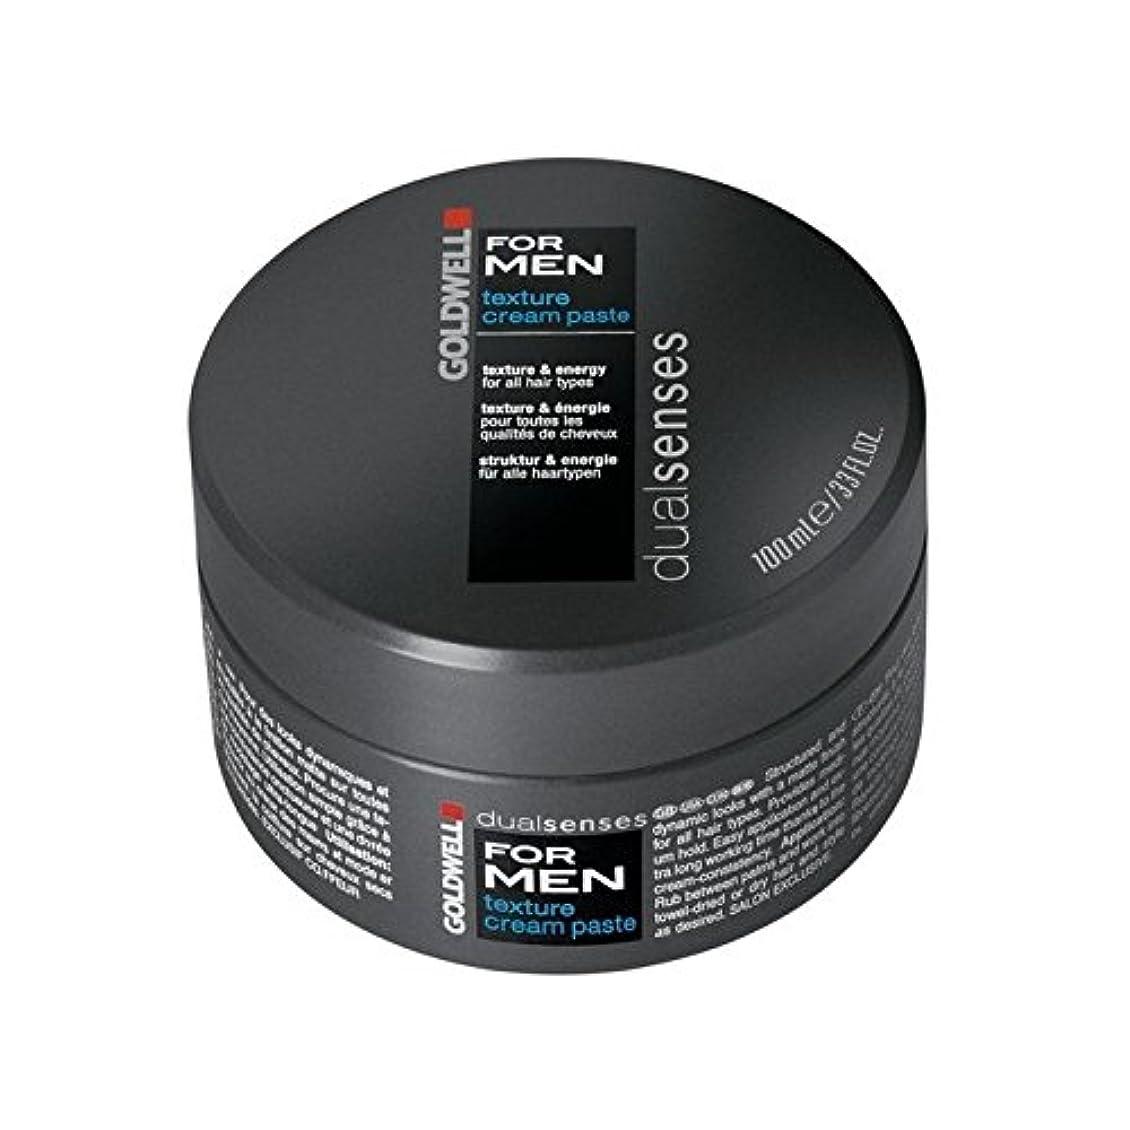 インフラ対話省略する男性のテクスチャーのクリームペースト(100ミリリットル)のためのの x4 - Goldwell Dualsenses For Men Texture Cream Paste (100ml) (Pack of 4) [並行輸入品]